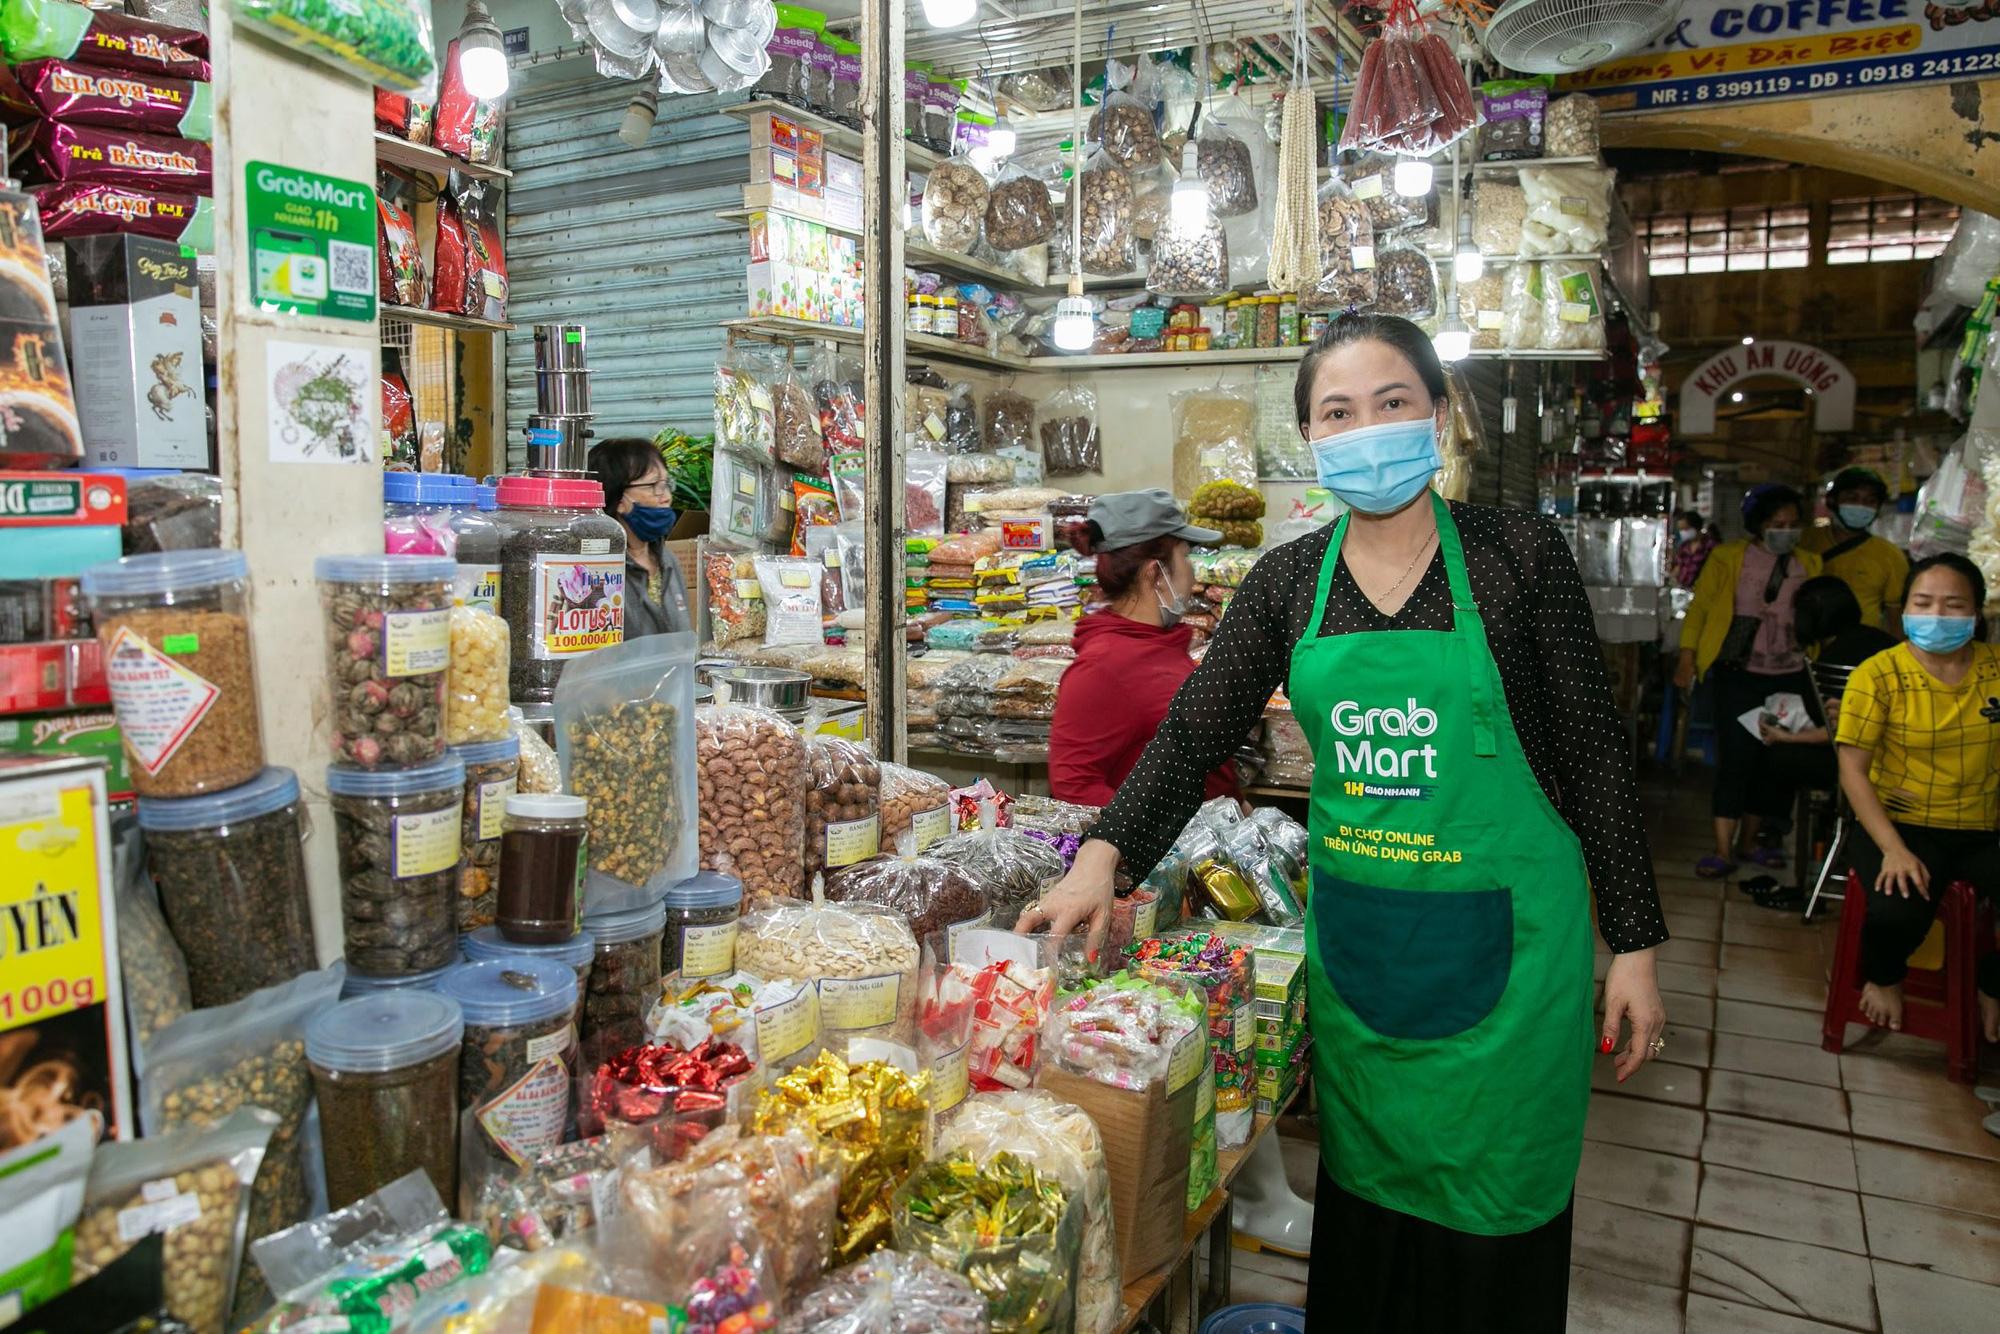 Mùa Covid-19, cô ba chú bảy chợ Bến Thành rủ nhau mở sạp online - Ảnh 2.